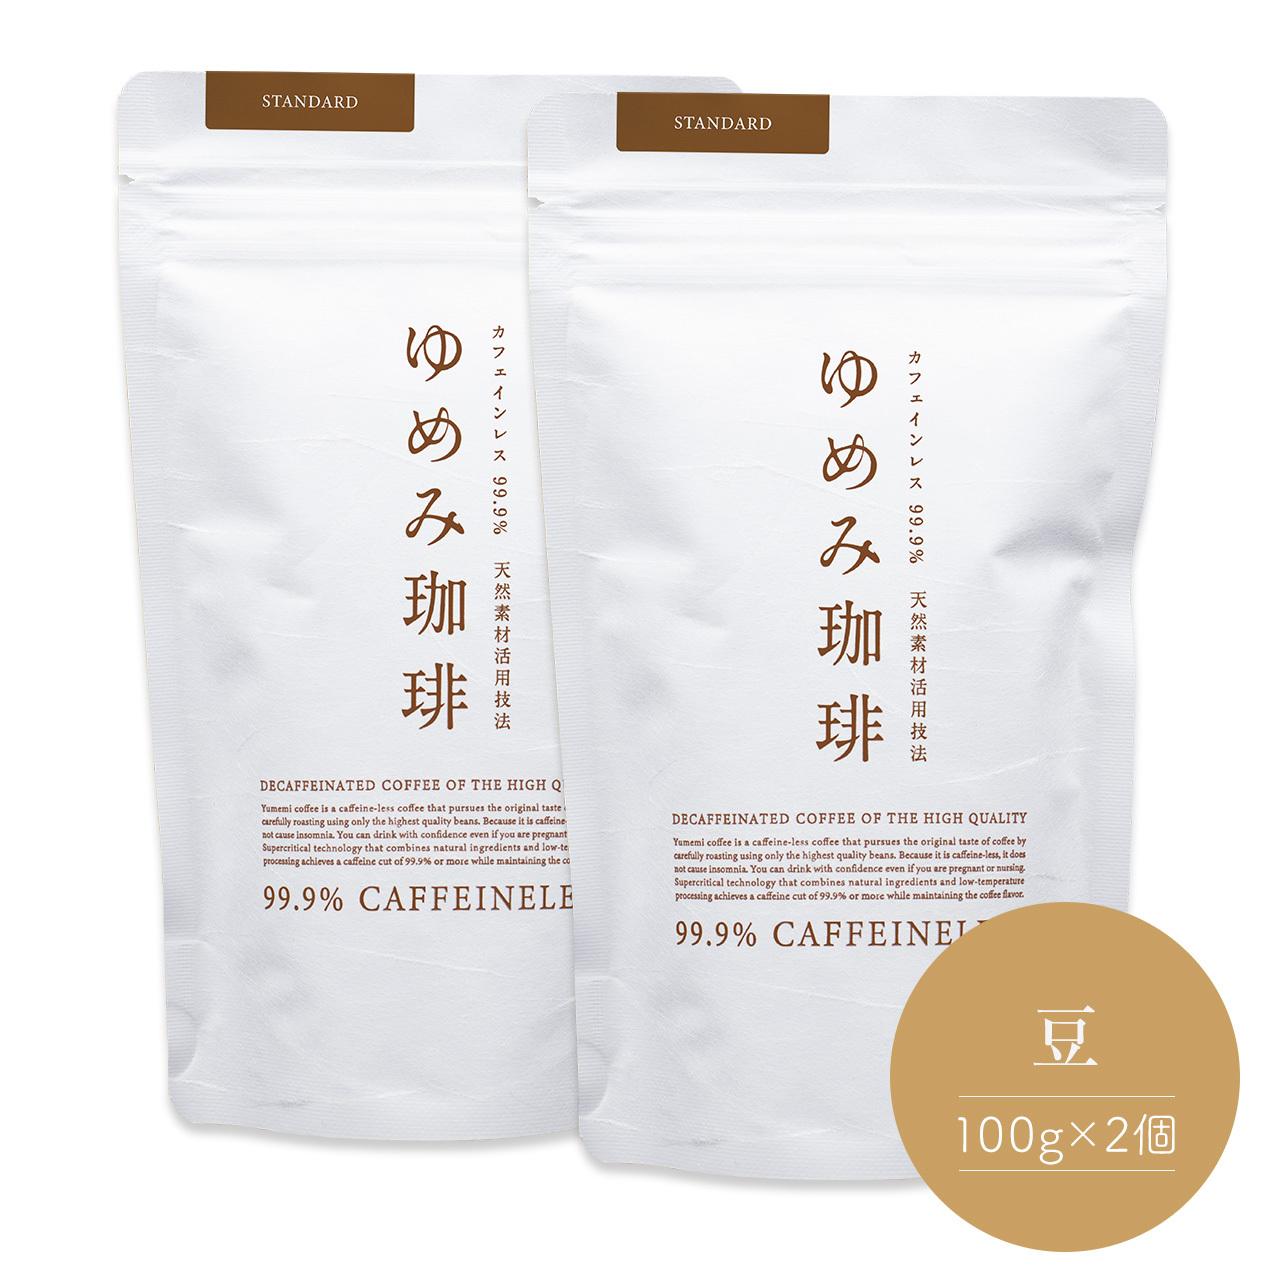 ゆめみ珈琲(カフェインレス)《スタンダード》豆 200g(100g☓2パック)